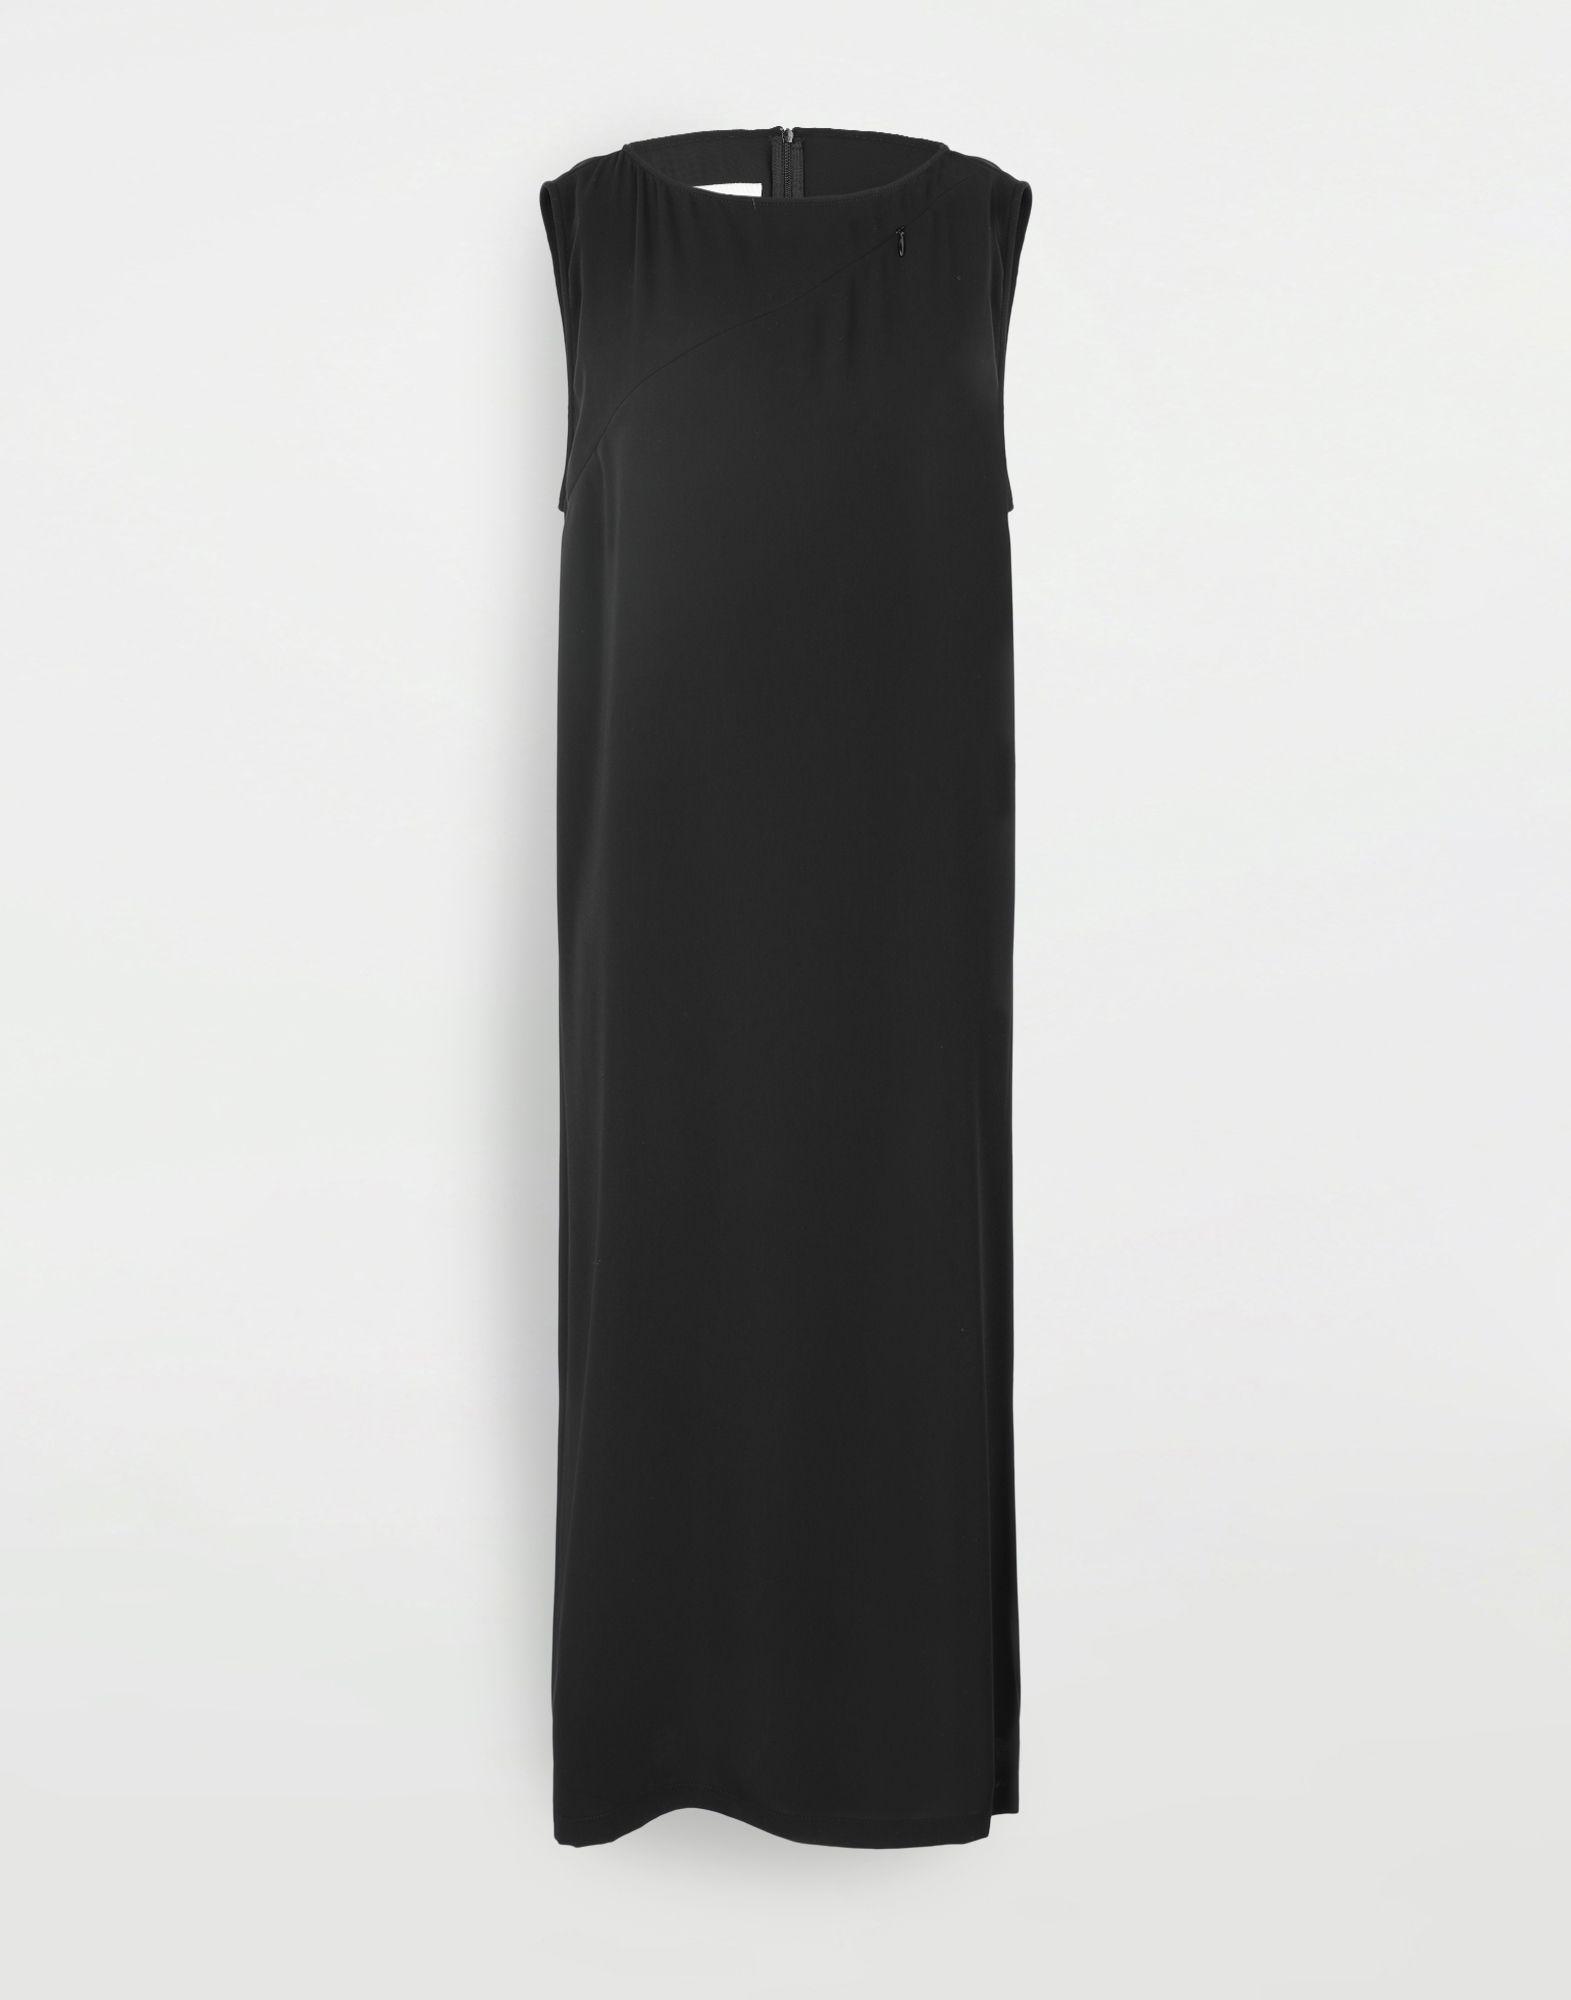 MM6 MAISON MARGIELA Платье с застёжкой-молнией в технике Décortiqué Платье миди Для Женщин f